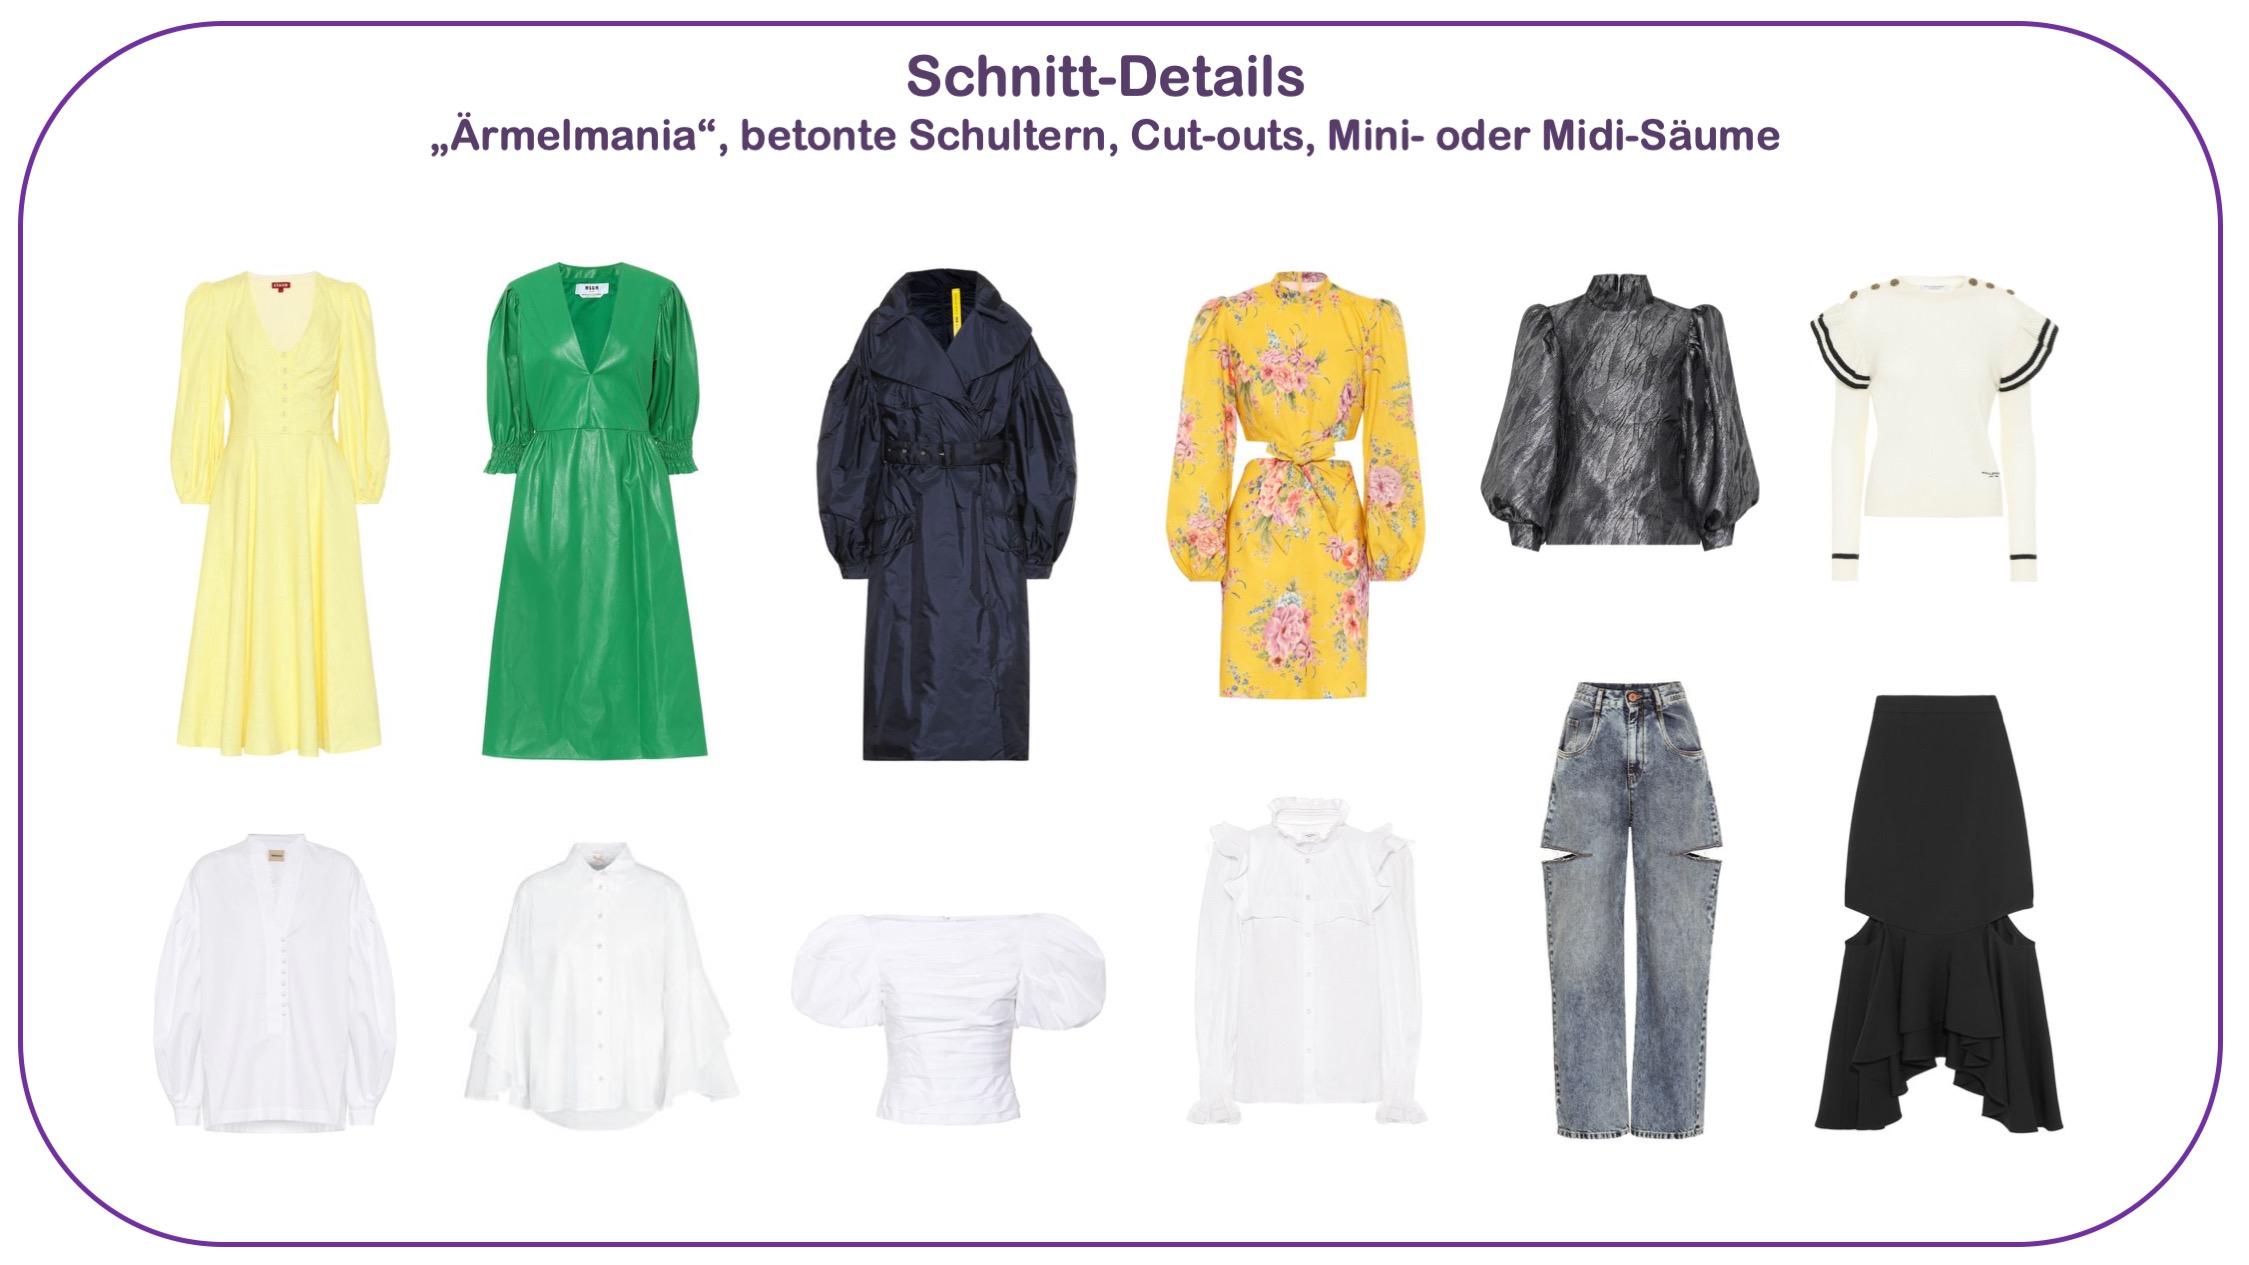 Modetredsn Frühjahr/Sommer 2020 - Schnitt-Details für Frauen über 40